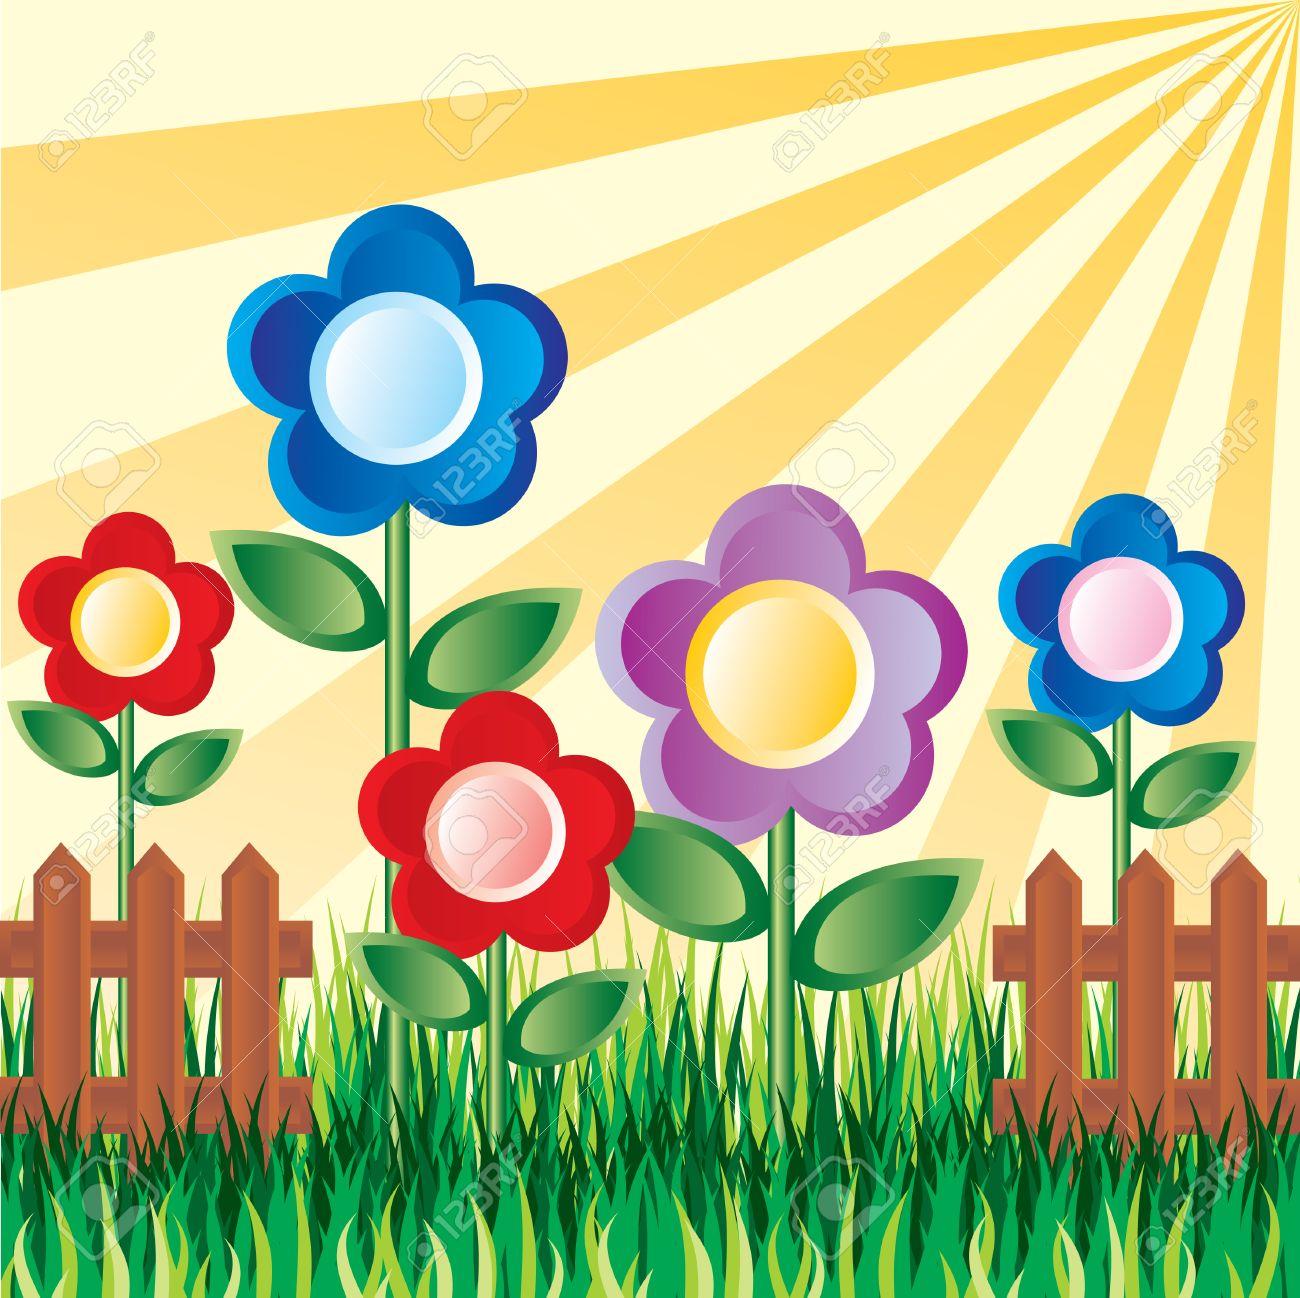 26+ Flower Garden Clipart Free